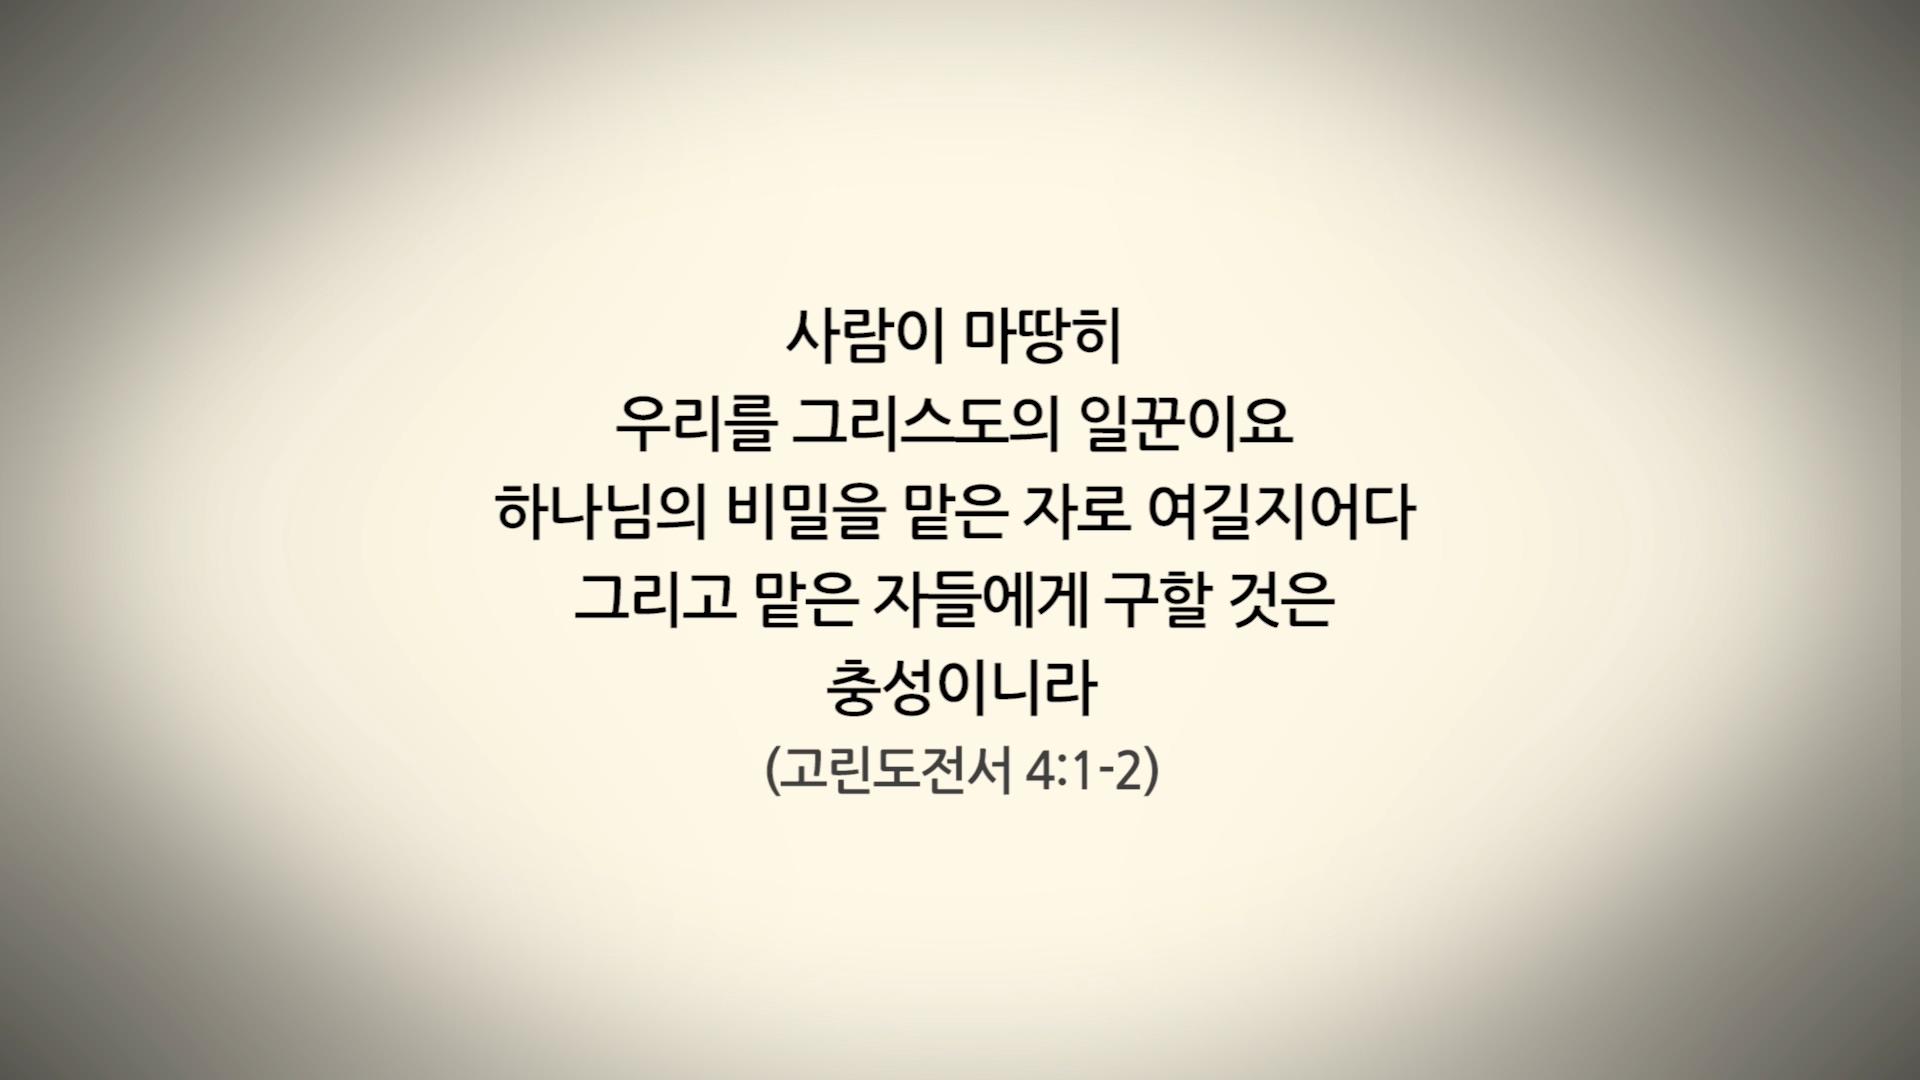 190308_essay.mp4_20190310_182147.124.jpg